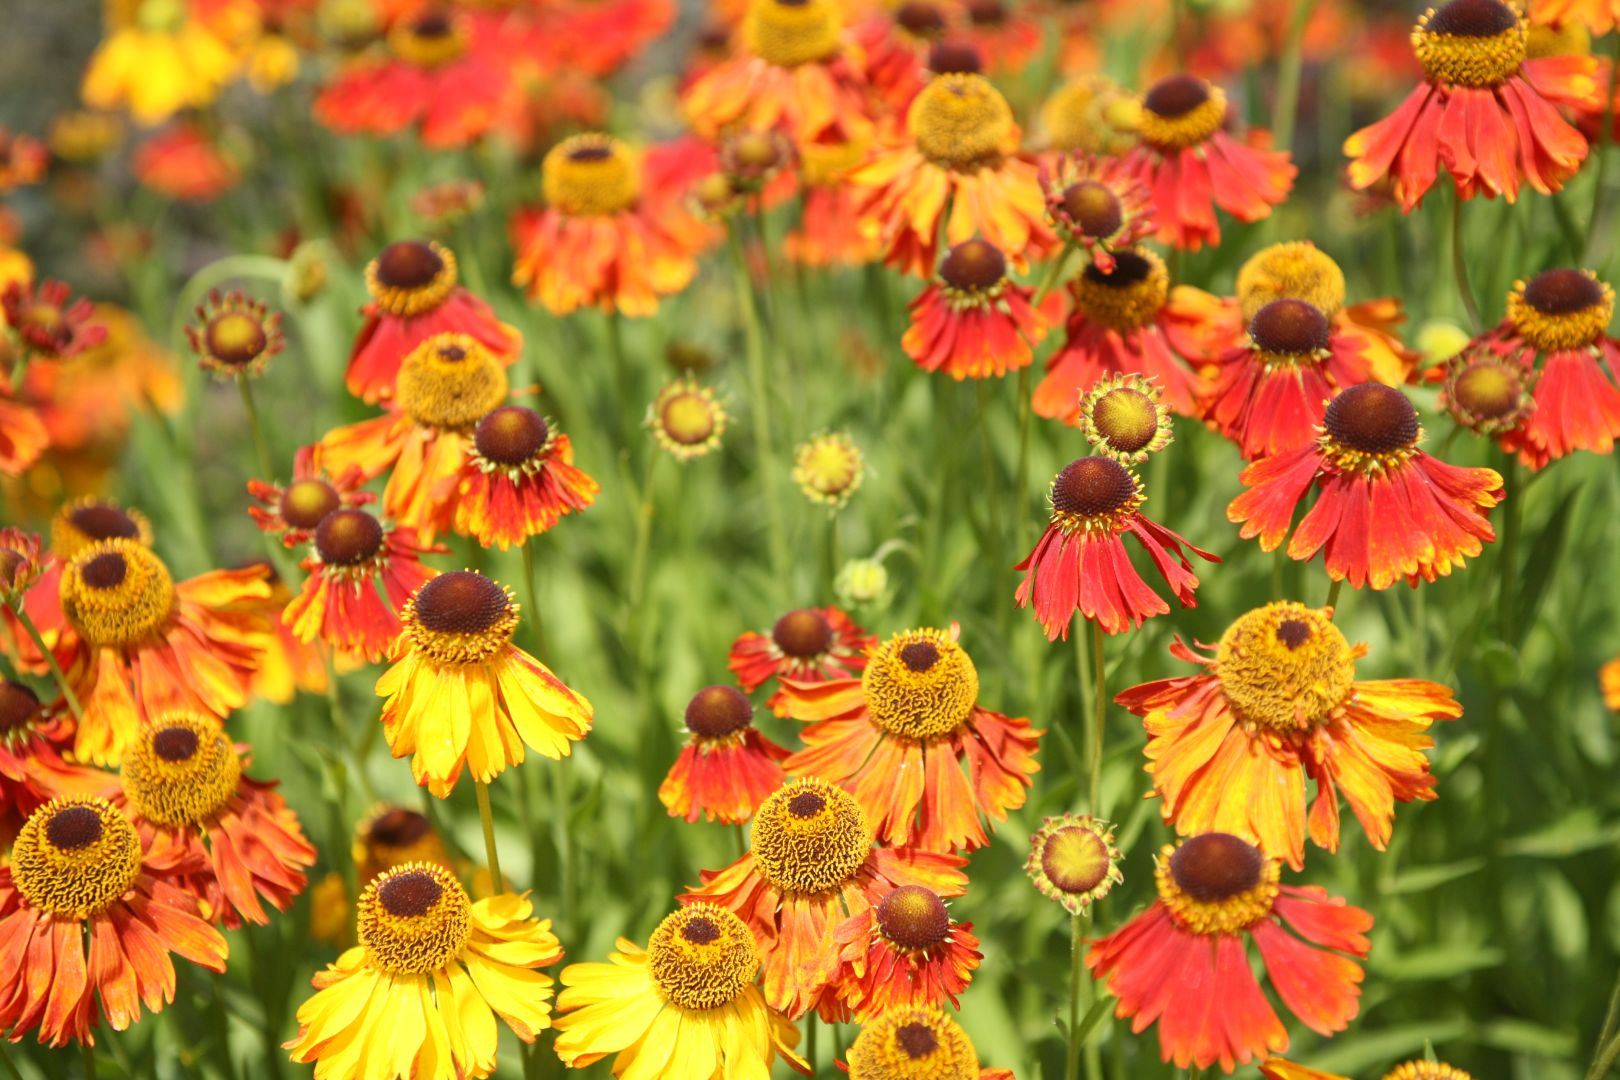 Citaten Over De Zomer : Uitspraken over tuingeluk tuingeluk